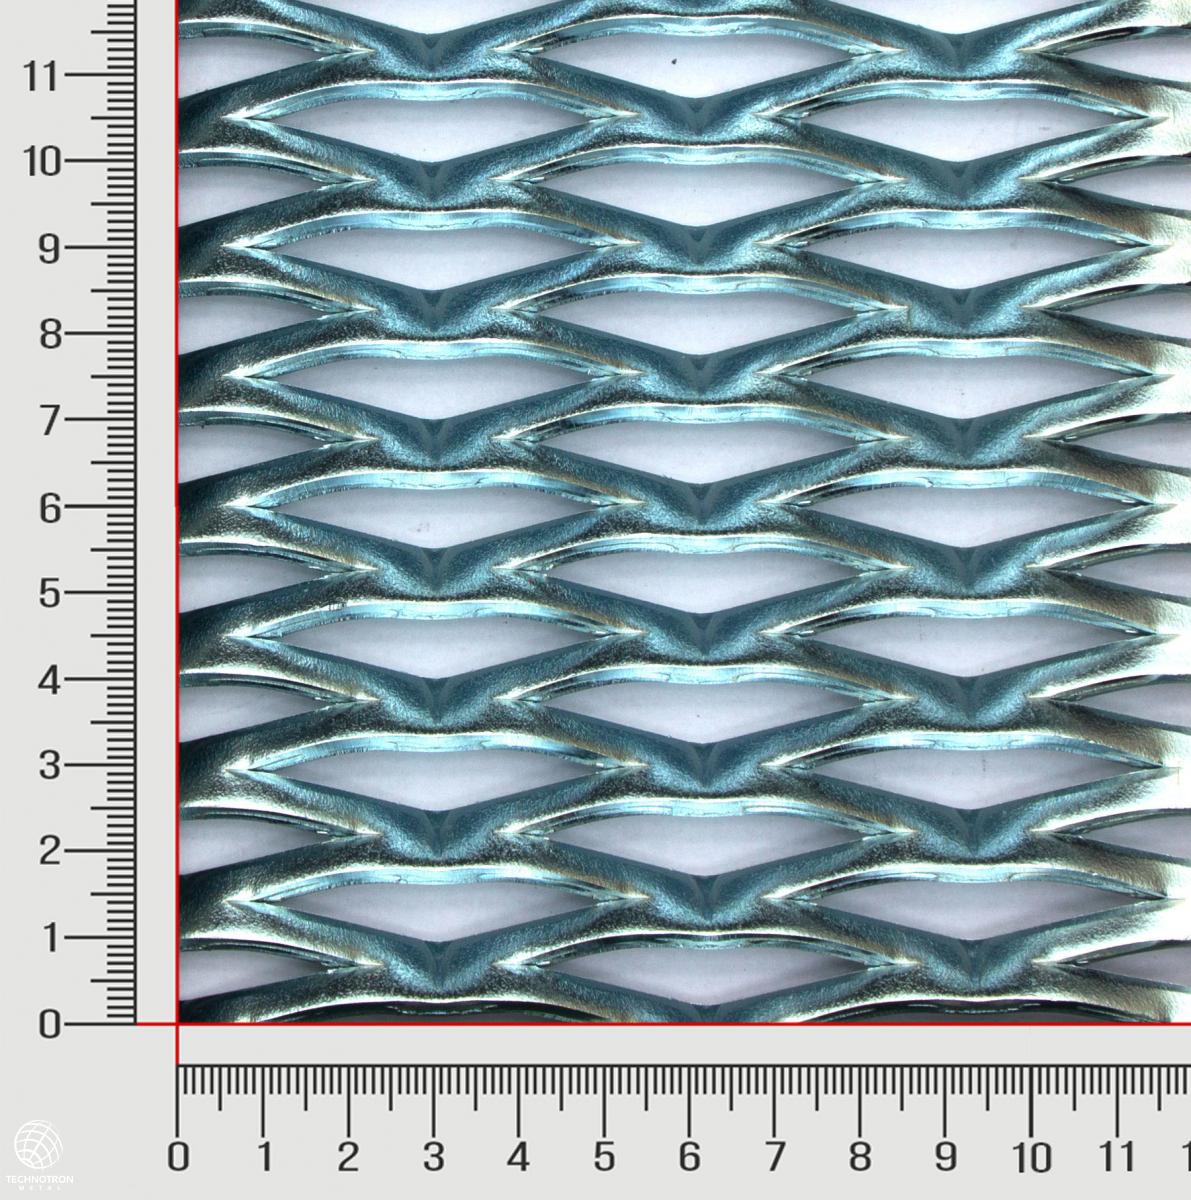 Tahokov TR 62,5 x 15 x 5 x 3 mm; tahokov z ocelového plechu DD11 - DD13